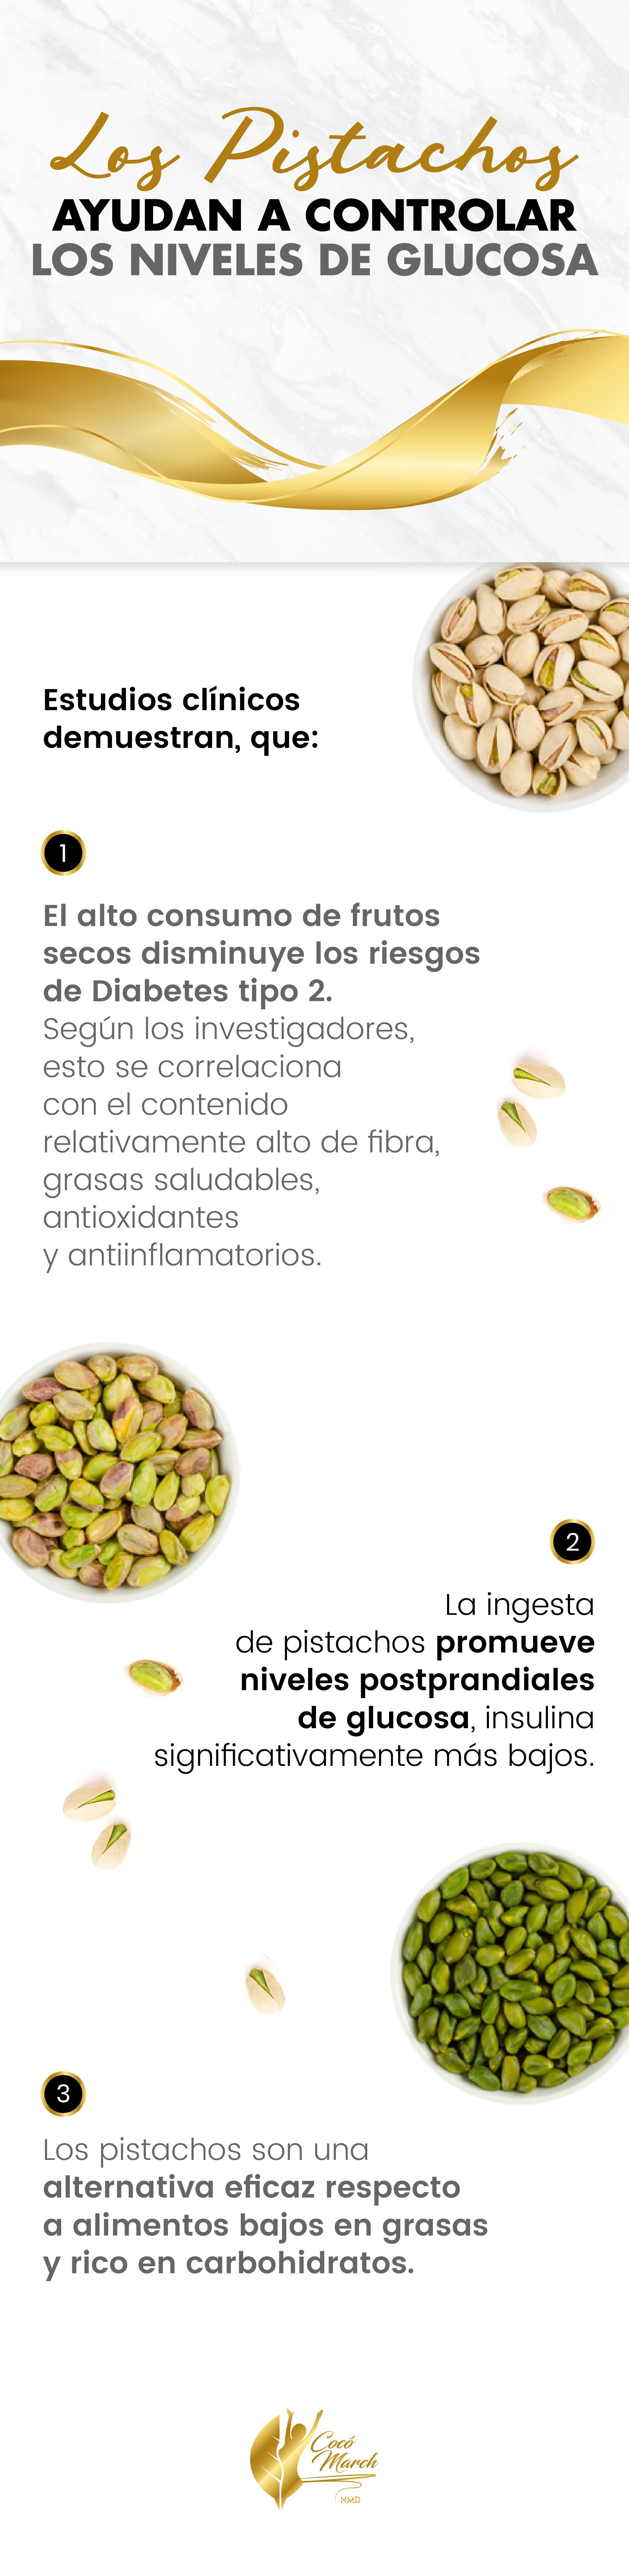 los-pistachos-ayudan-a-controlar-niveles-de-glucosa